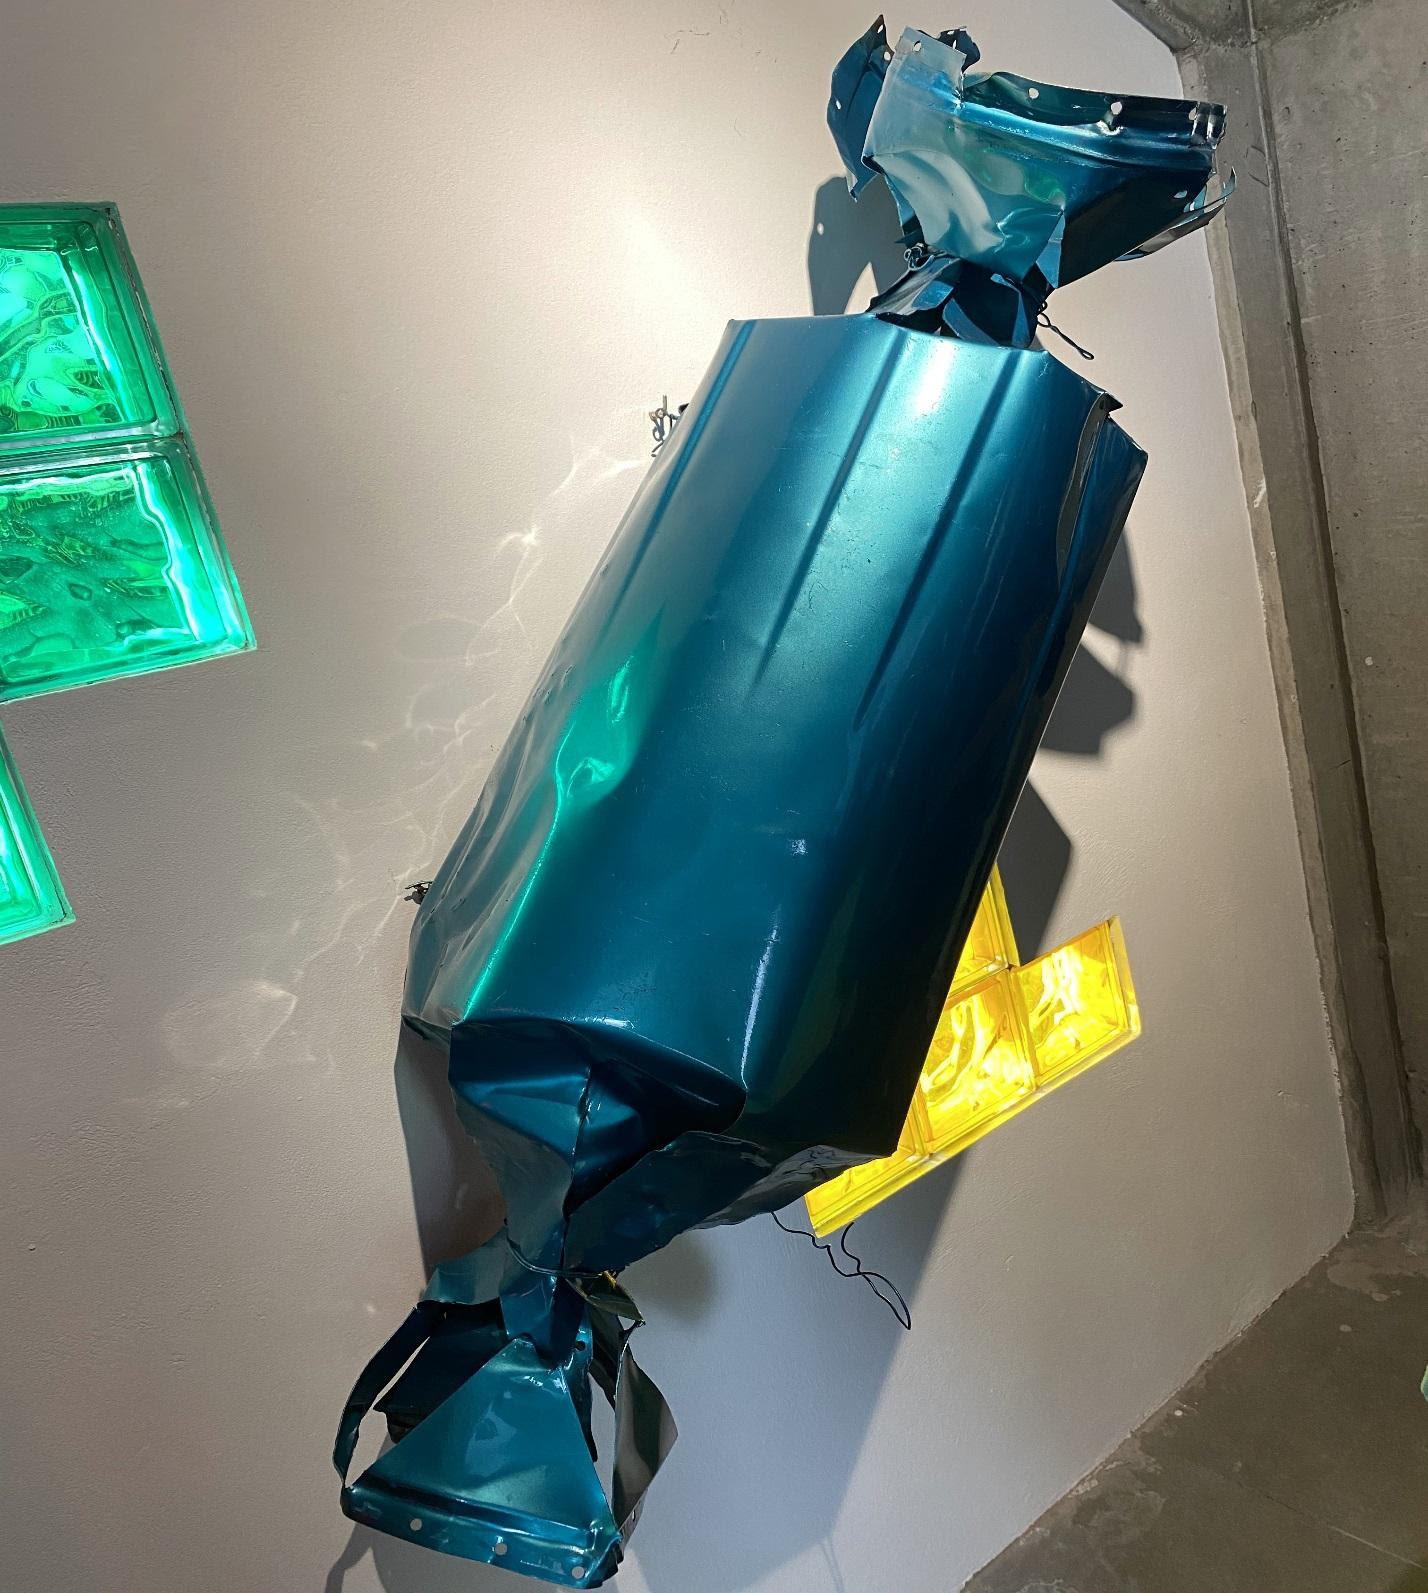 """Triển lãm """"Ống thở"""" - giao thoa tinh hoa kiến trúc nhà ống với nghệ thuật đương đại - Ảnh 2."""